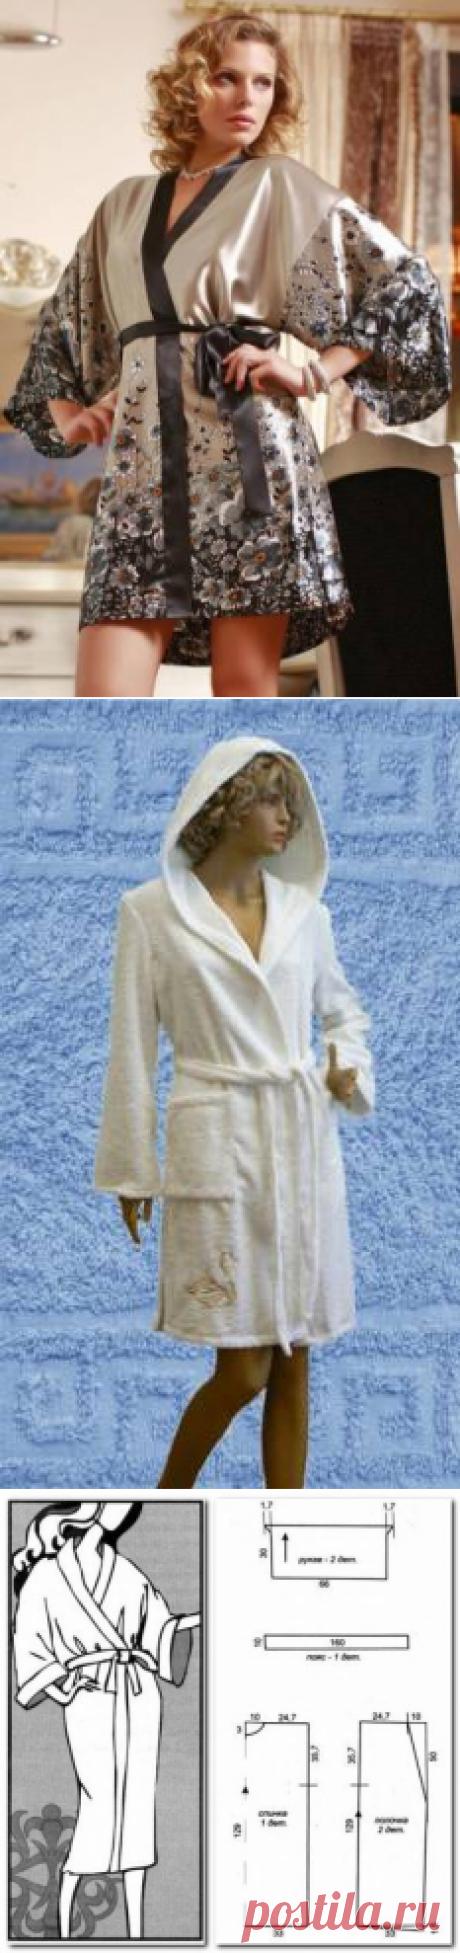 Халаты (выкройки, шитье)